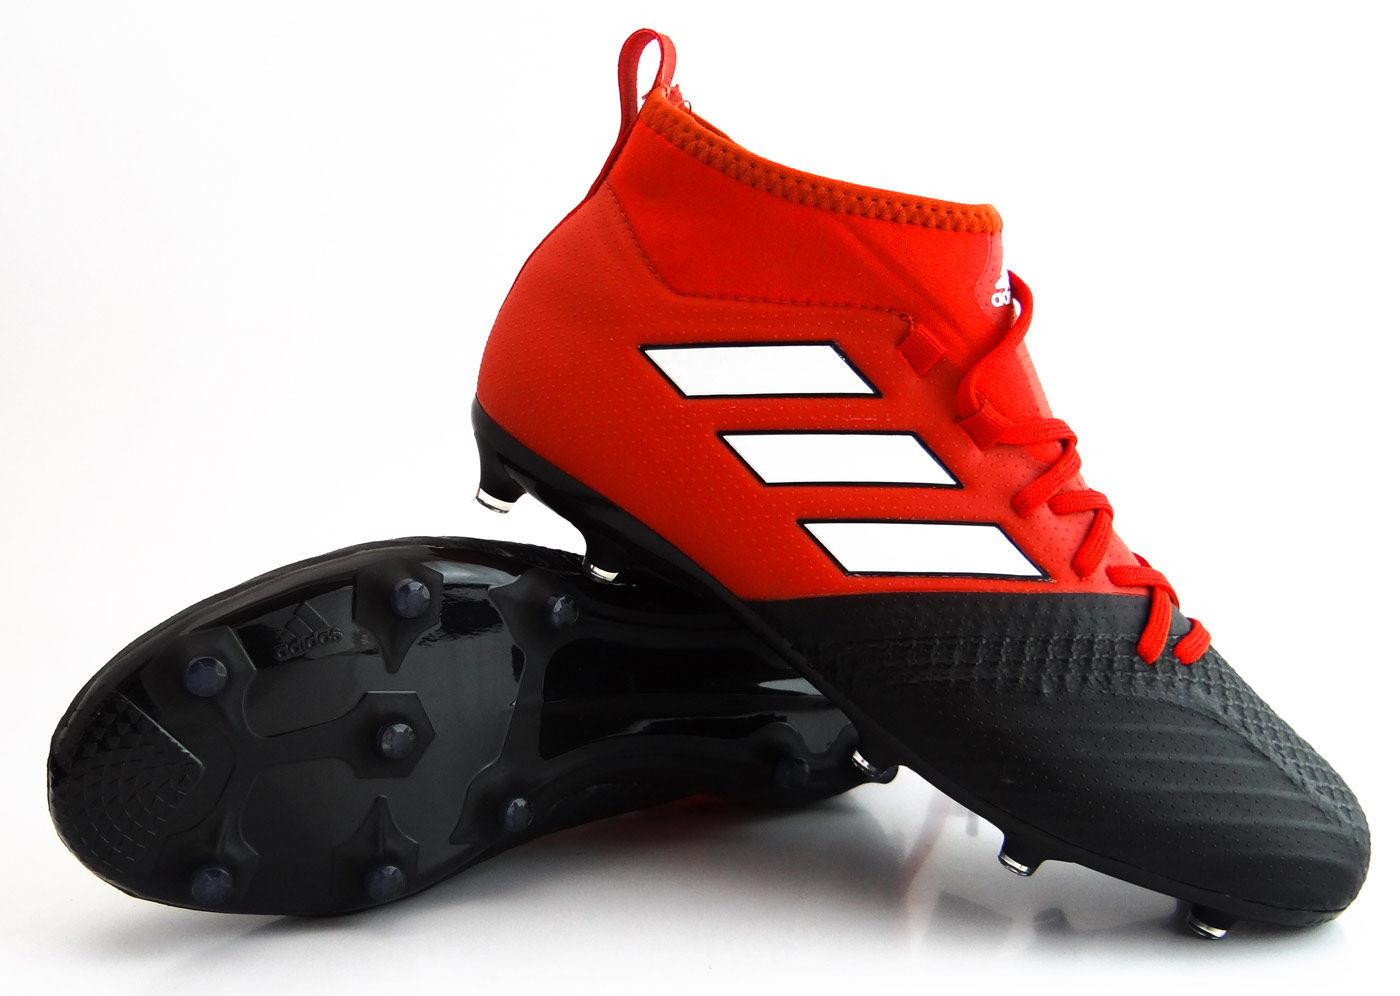 atrakcyjna cena produkty wysokiej jakości wielka wyprzedaż Buty Adidas ACE 17.1 FG BA9214 Korki - 37,5 - 7196765317 ...